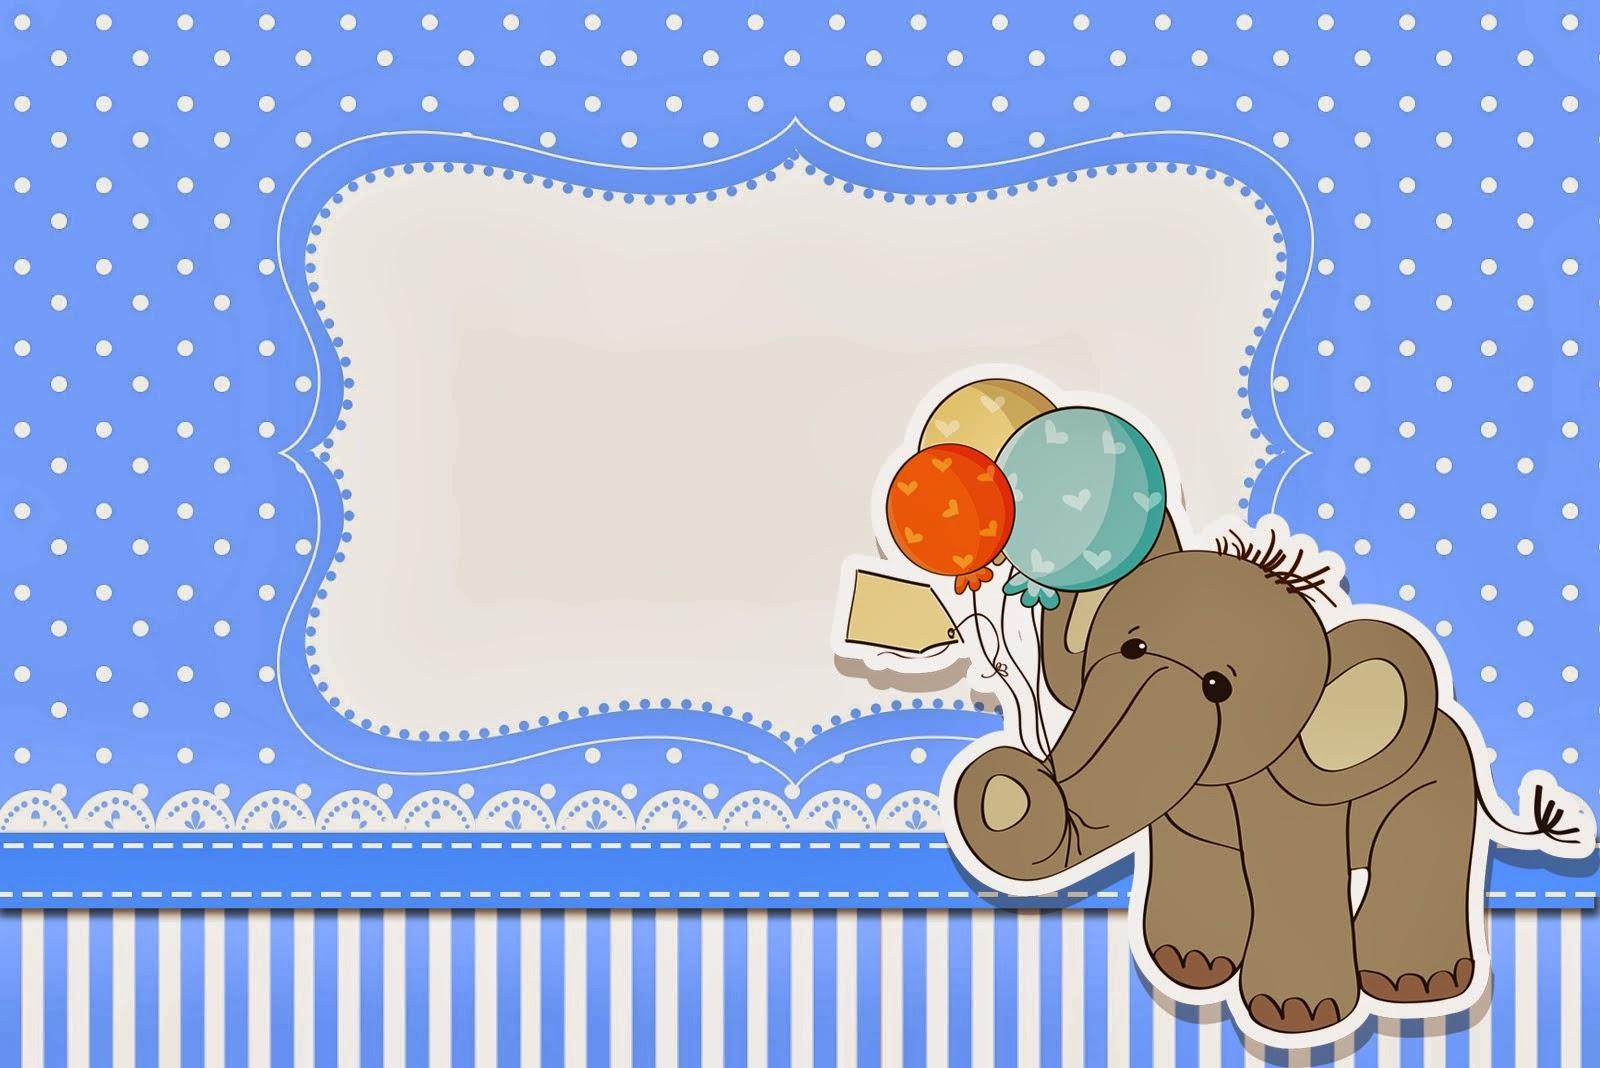 Kit de festa completo gratuito para imprimir com tema Elefante para